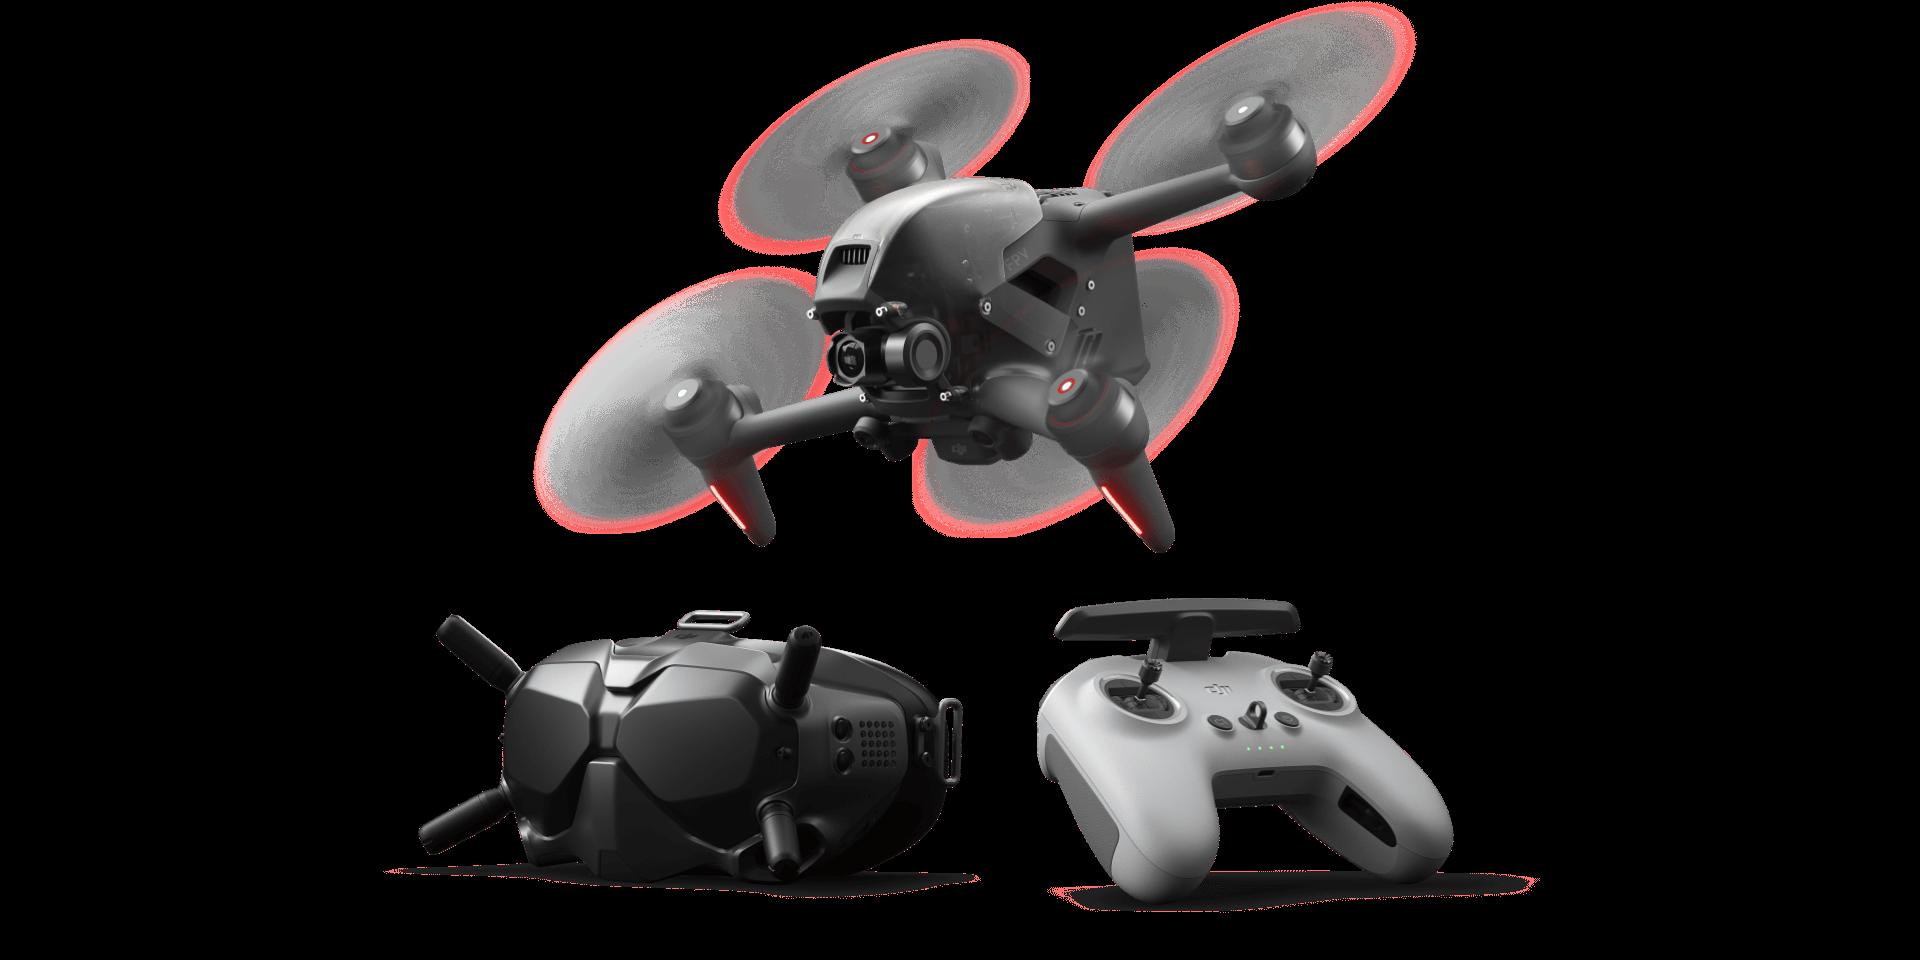 DJI FPV!大疆创新发布沉浸式飞行无人机 DJI FPV